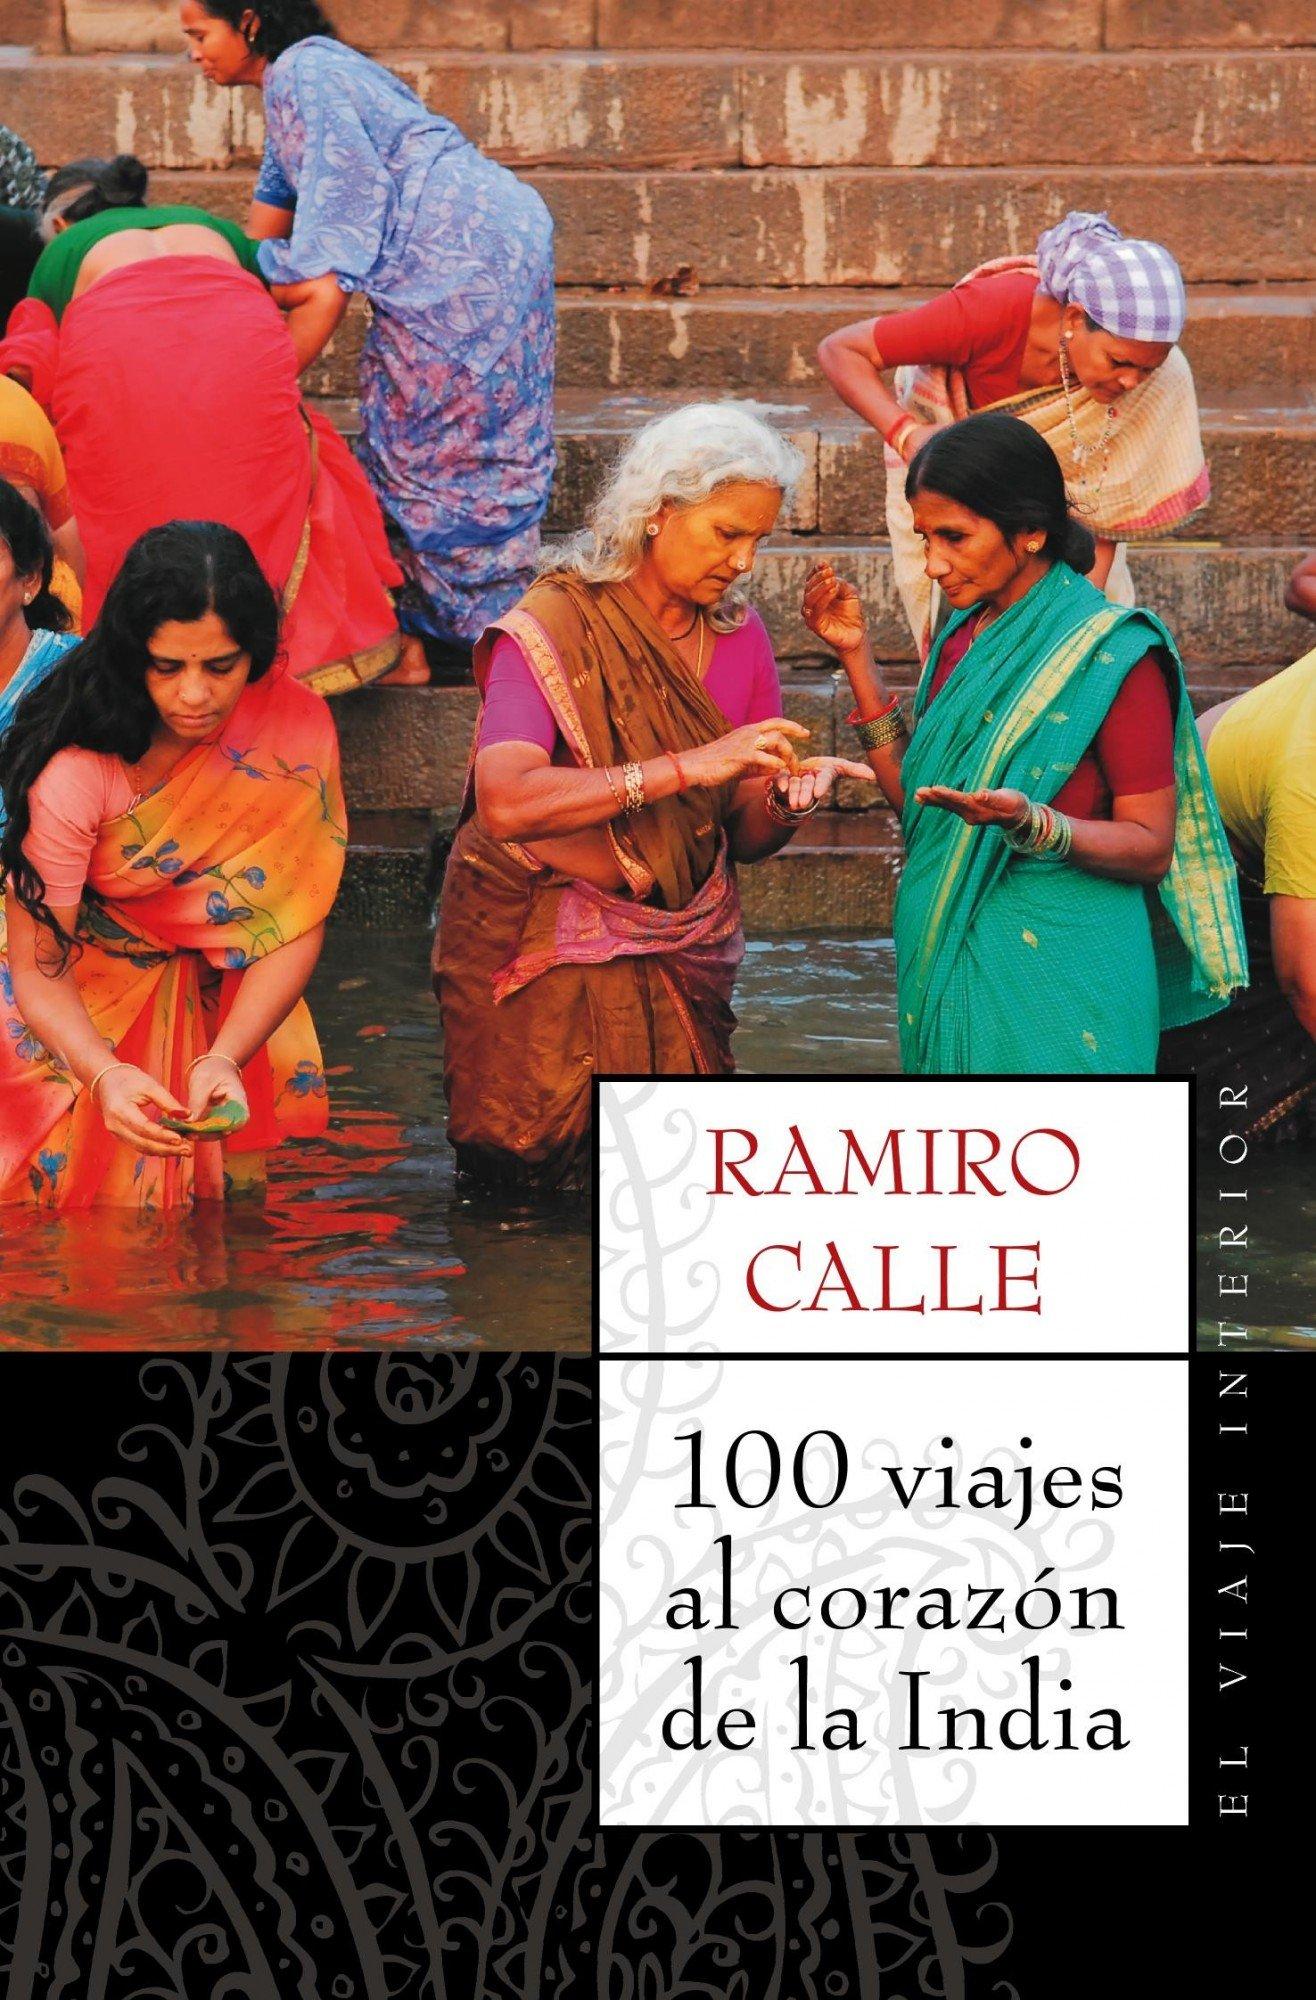 100 viajes al corazón de la India (El Viaje Interior): Amazon.es: Calle, Ramiro: Libros